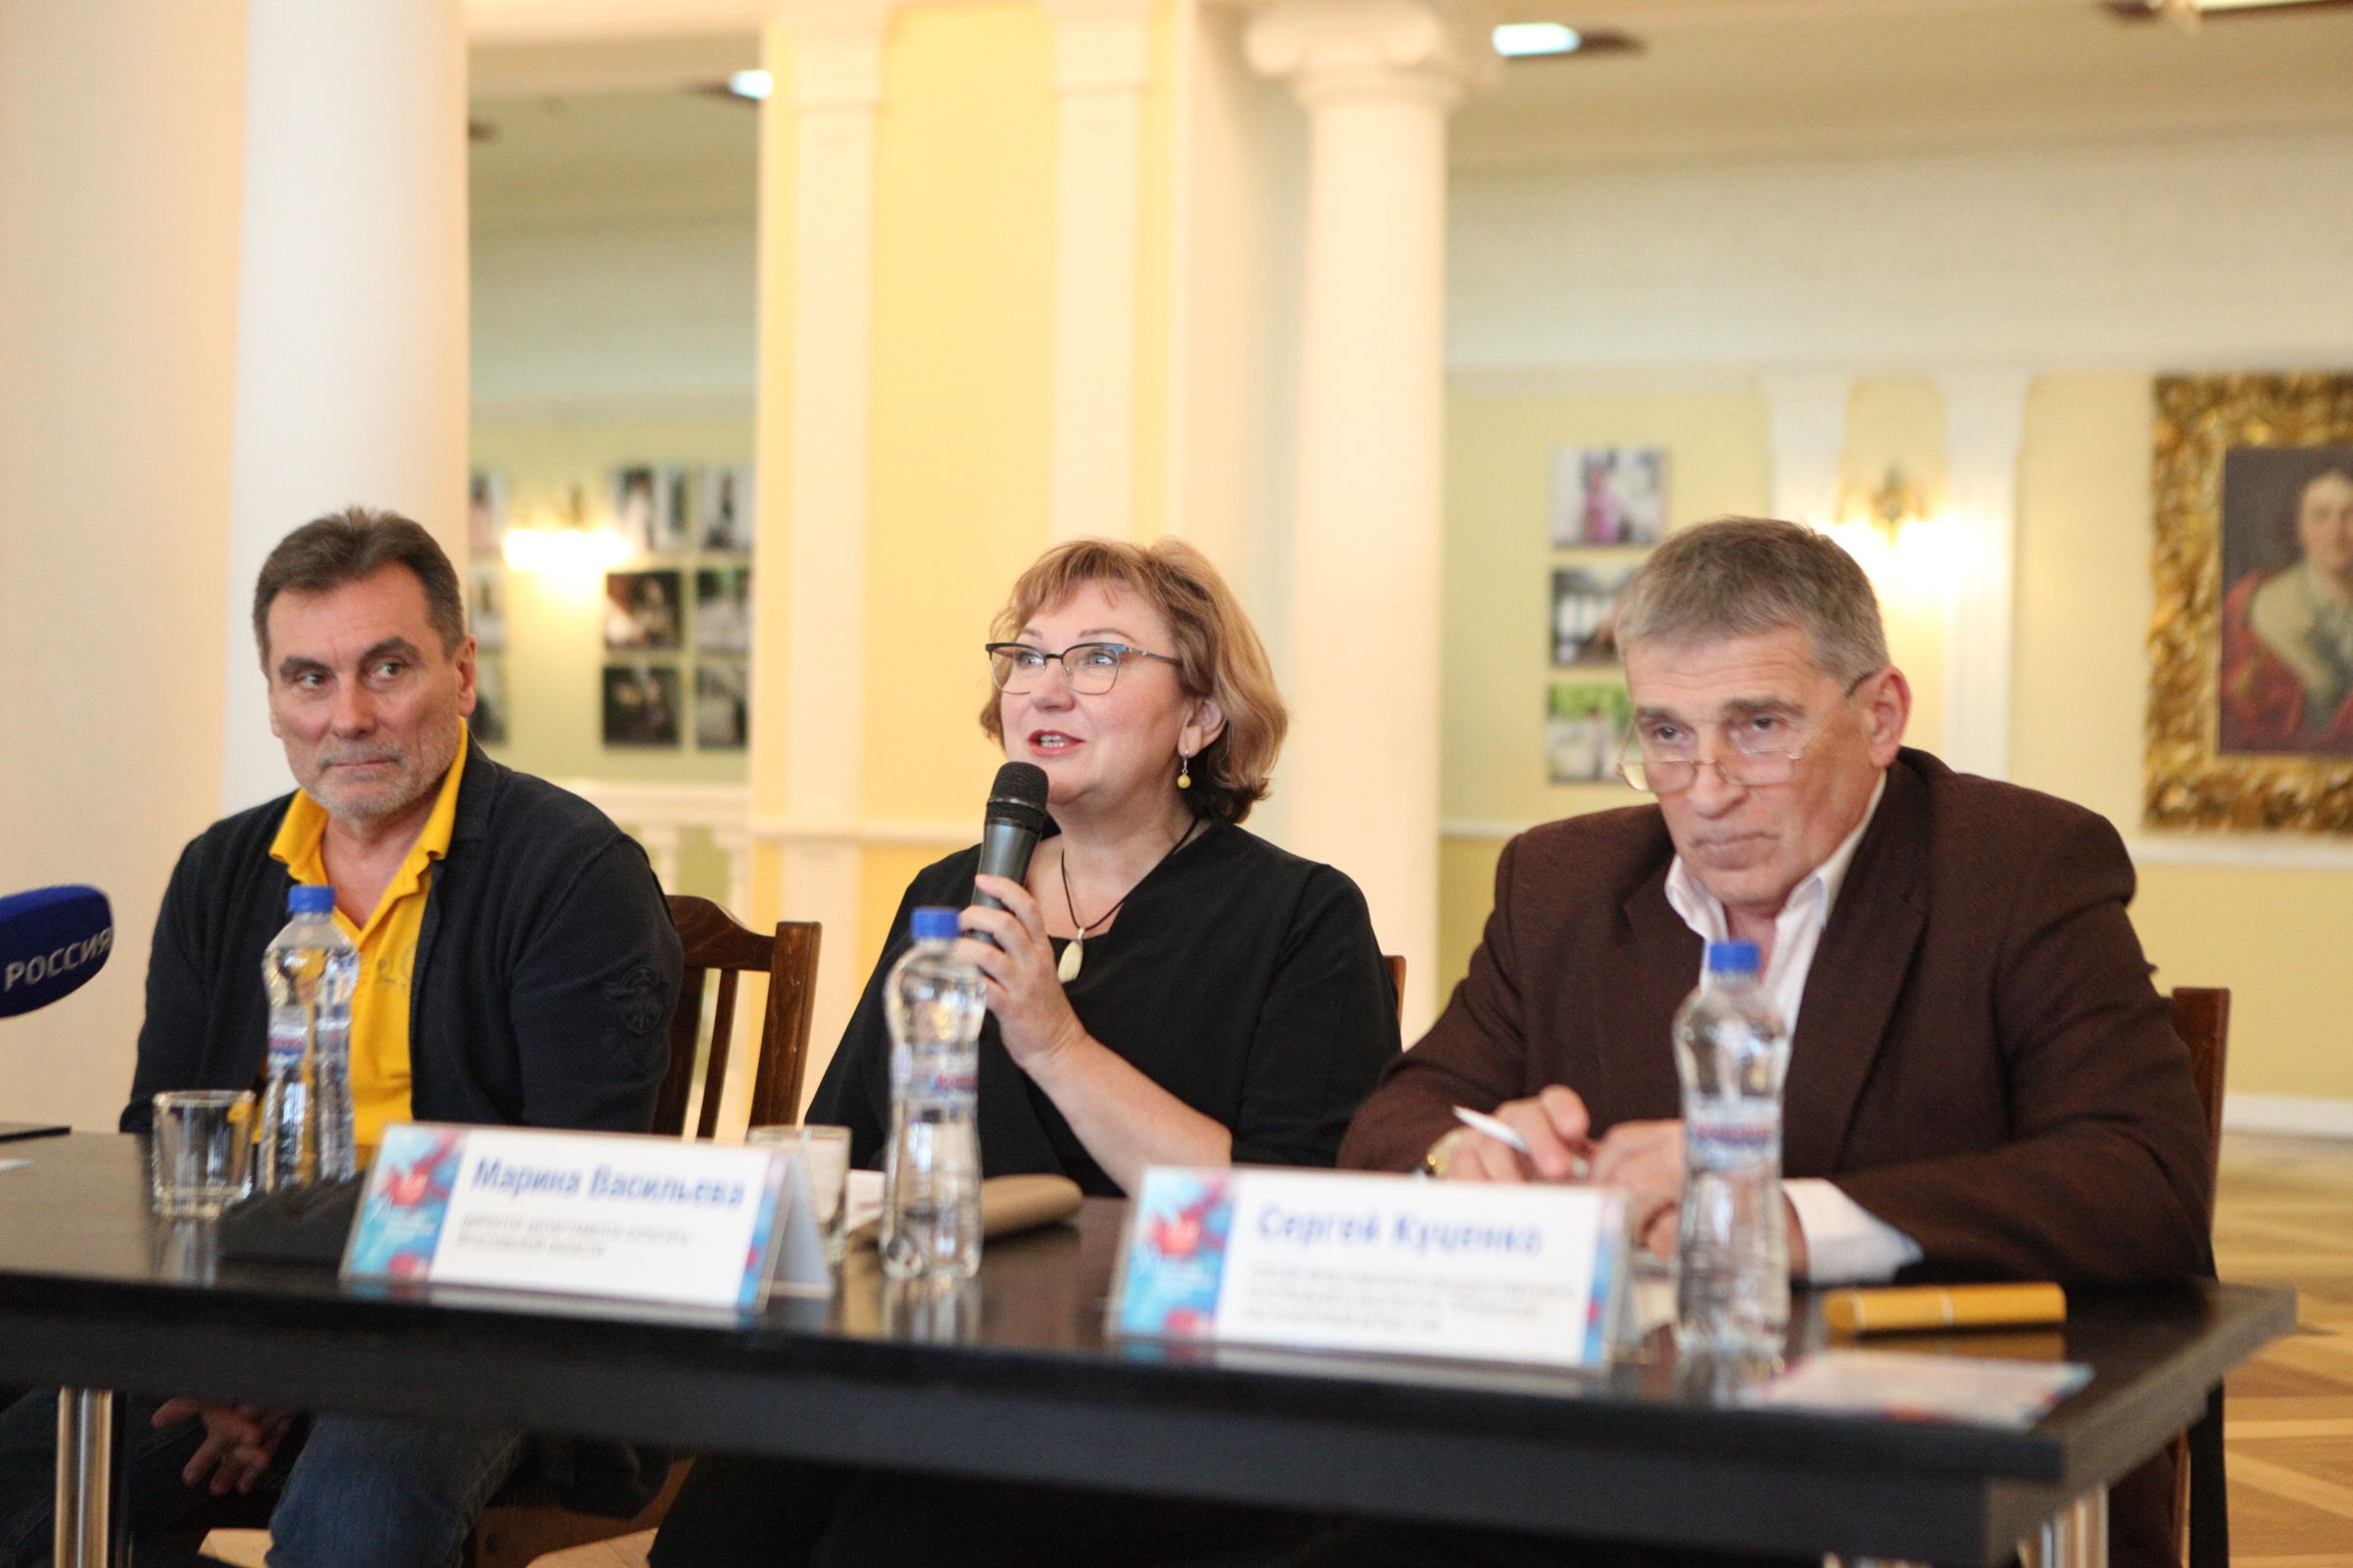 В Ярославле стартовал молодежный фестиваль «Будущее театральной России»